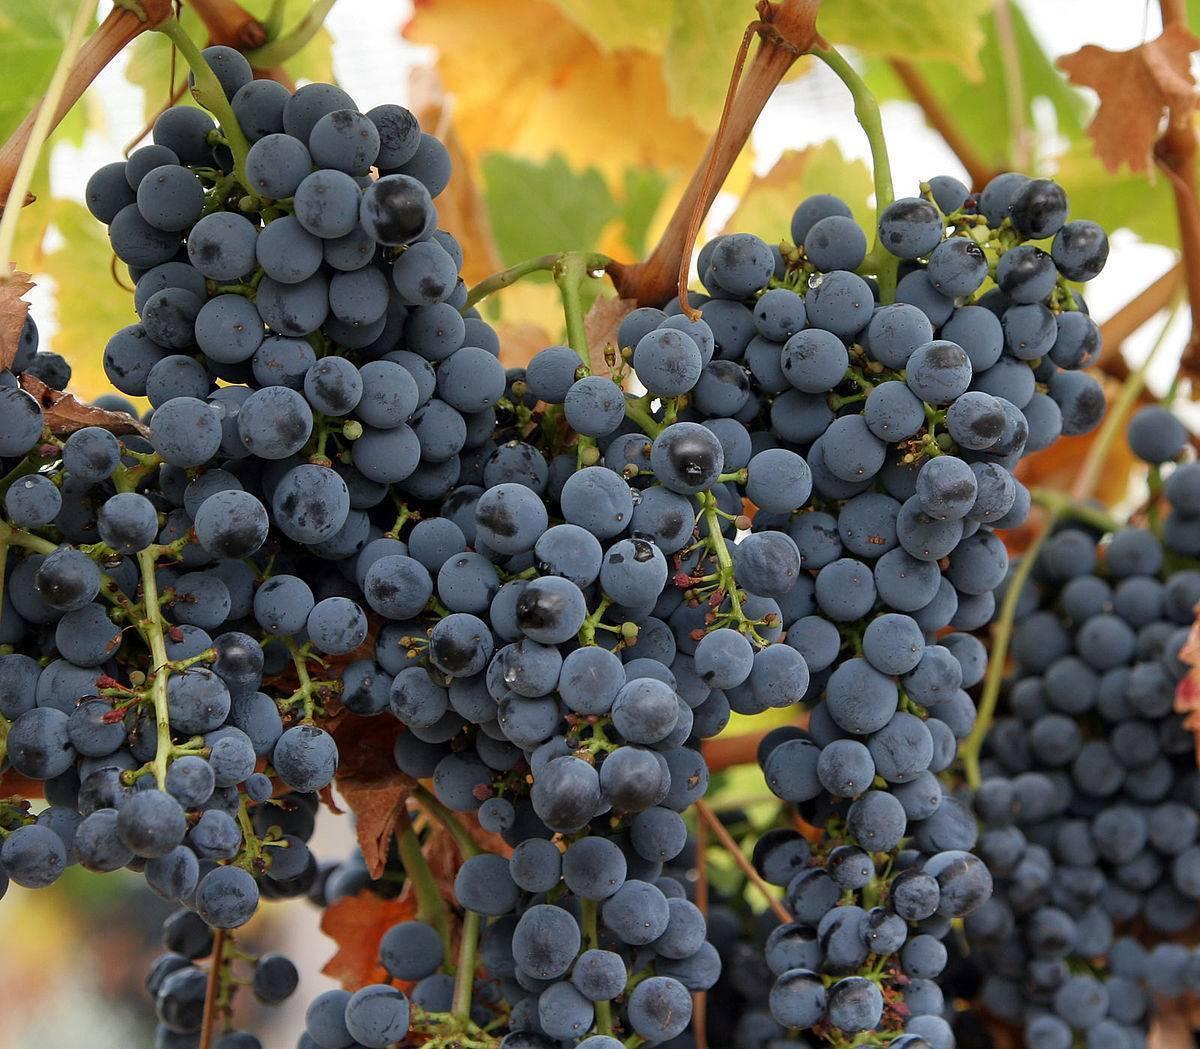 Домашнее виноделие – сорта винограда, оборудование, рецепты, этапы производства   в саду (огород.ru)